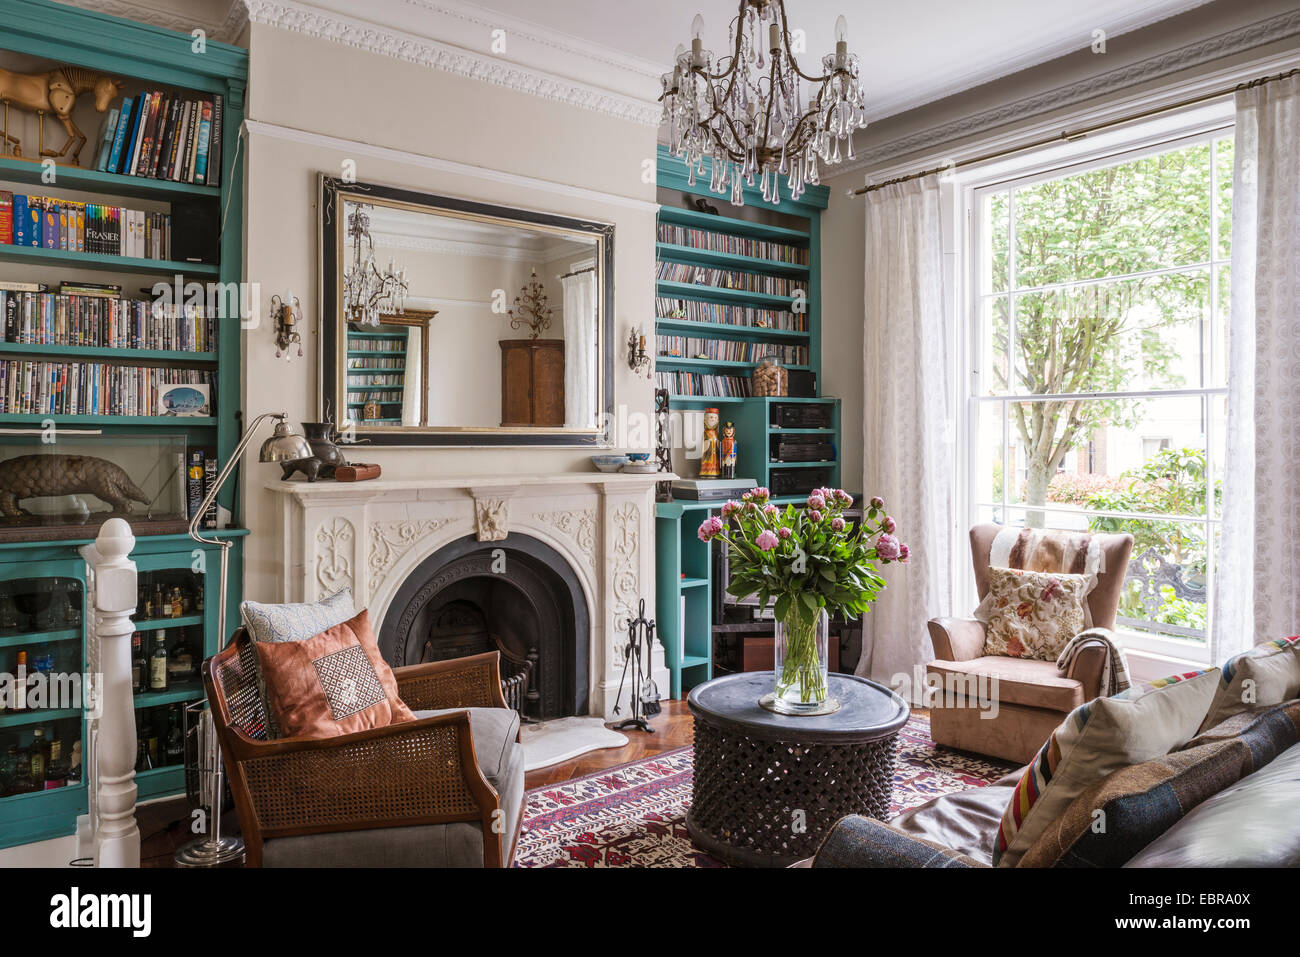 Türkis, die Regale im eleganten Wohnzimmer mit Kamin aus Marmor und Kristall-Kronleuchter Stockbild